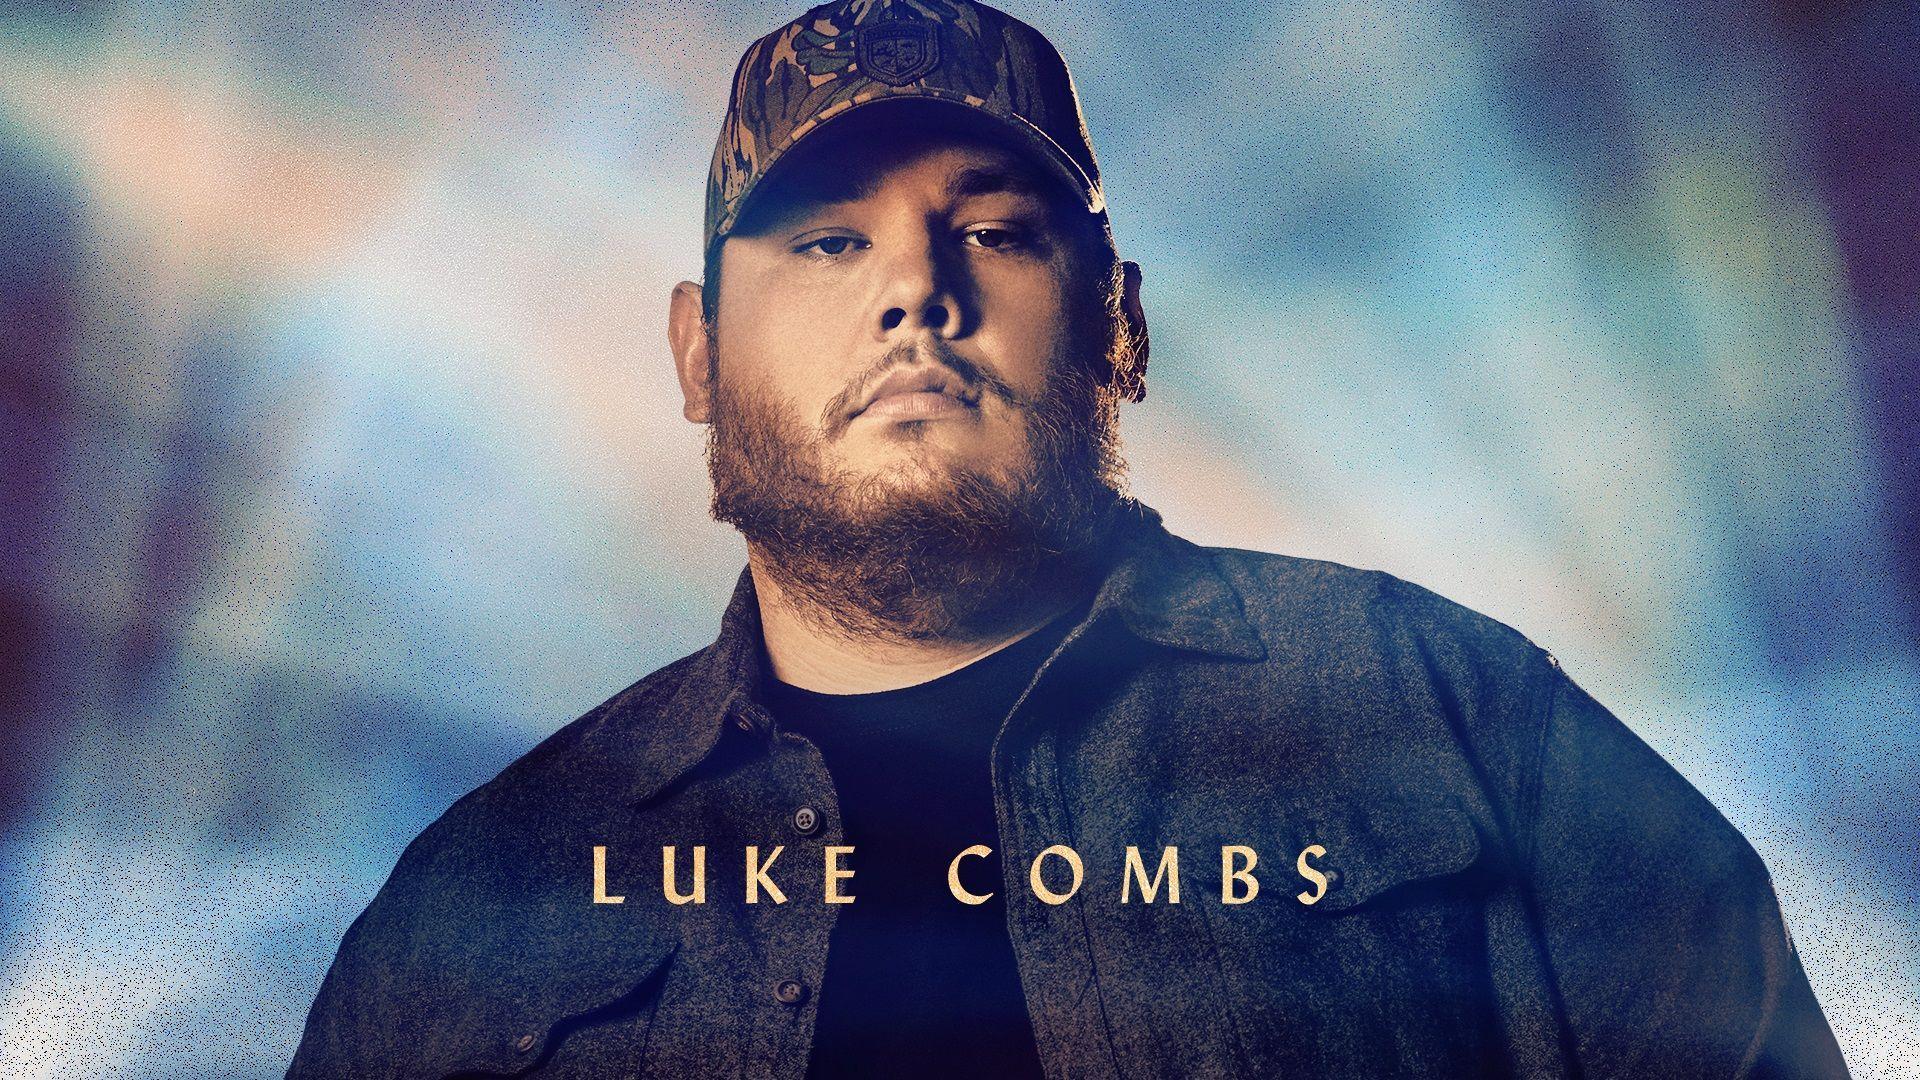 Biografi, Kehidupan Pribadi, dan Karir Luke Combs